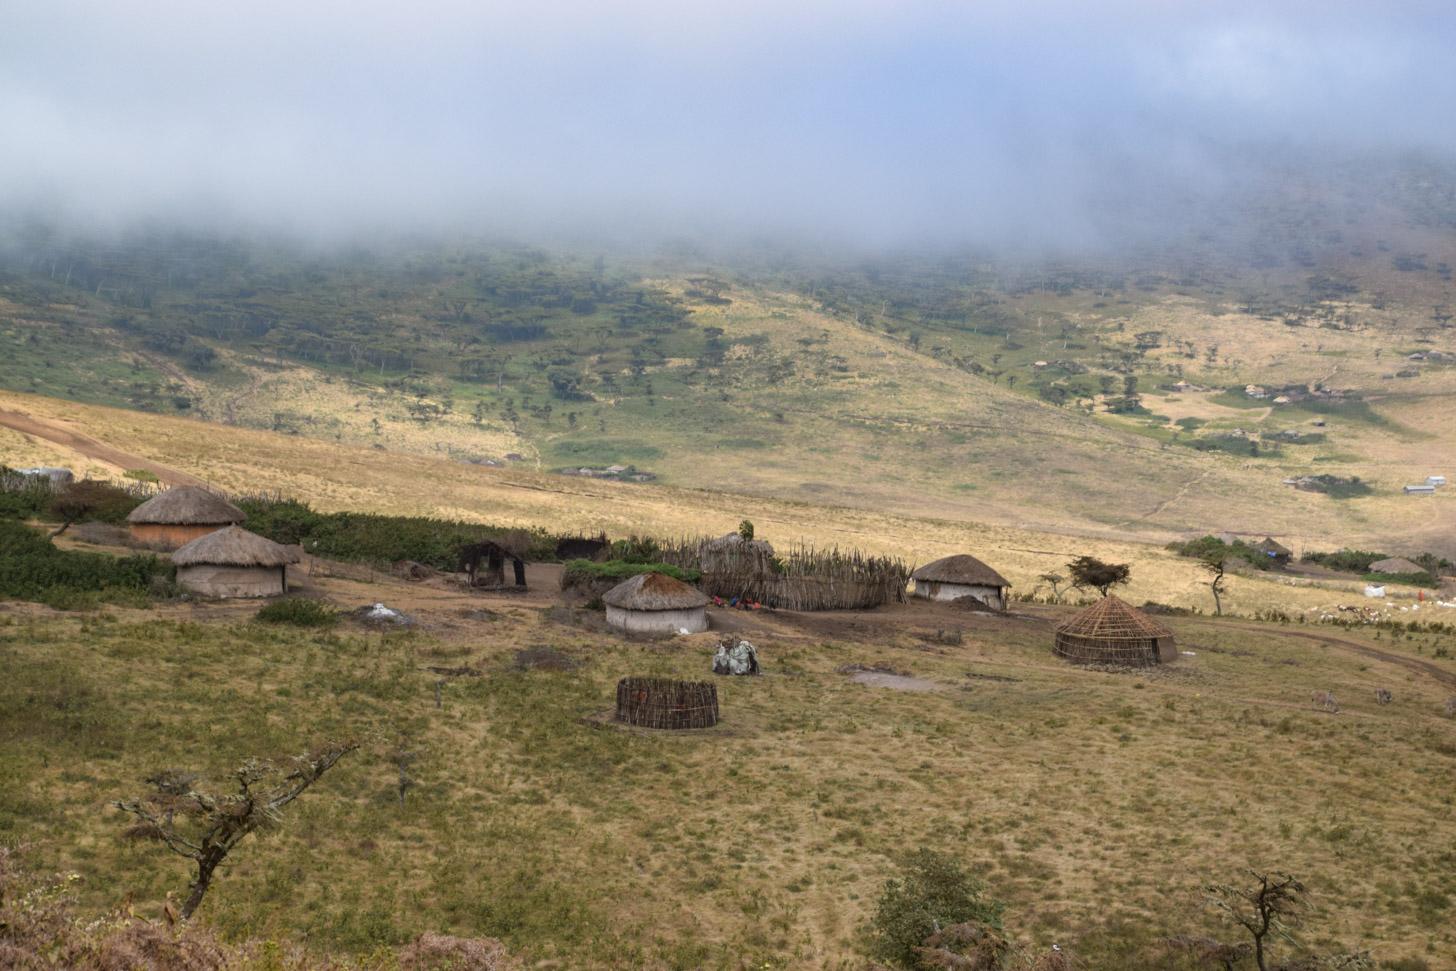 Een Masai dorp in Tanzania